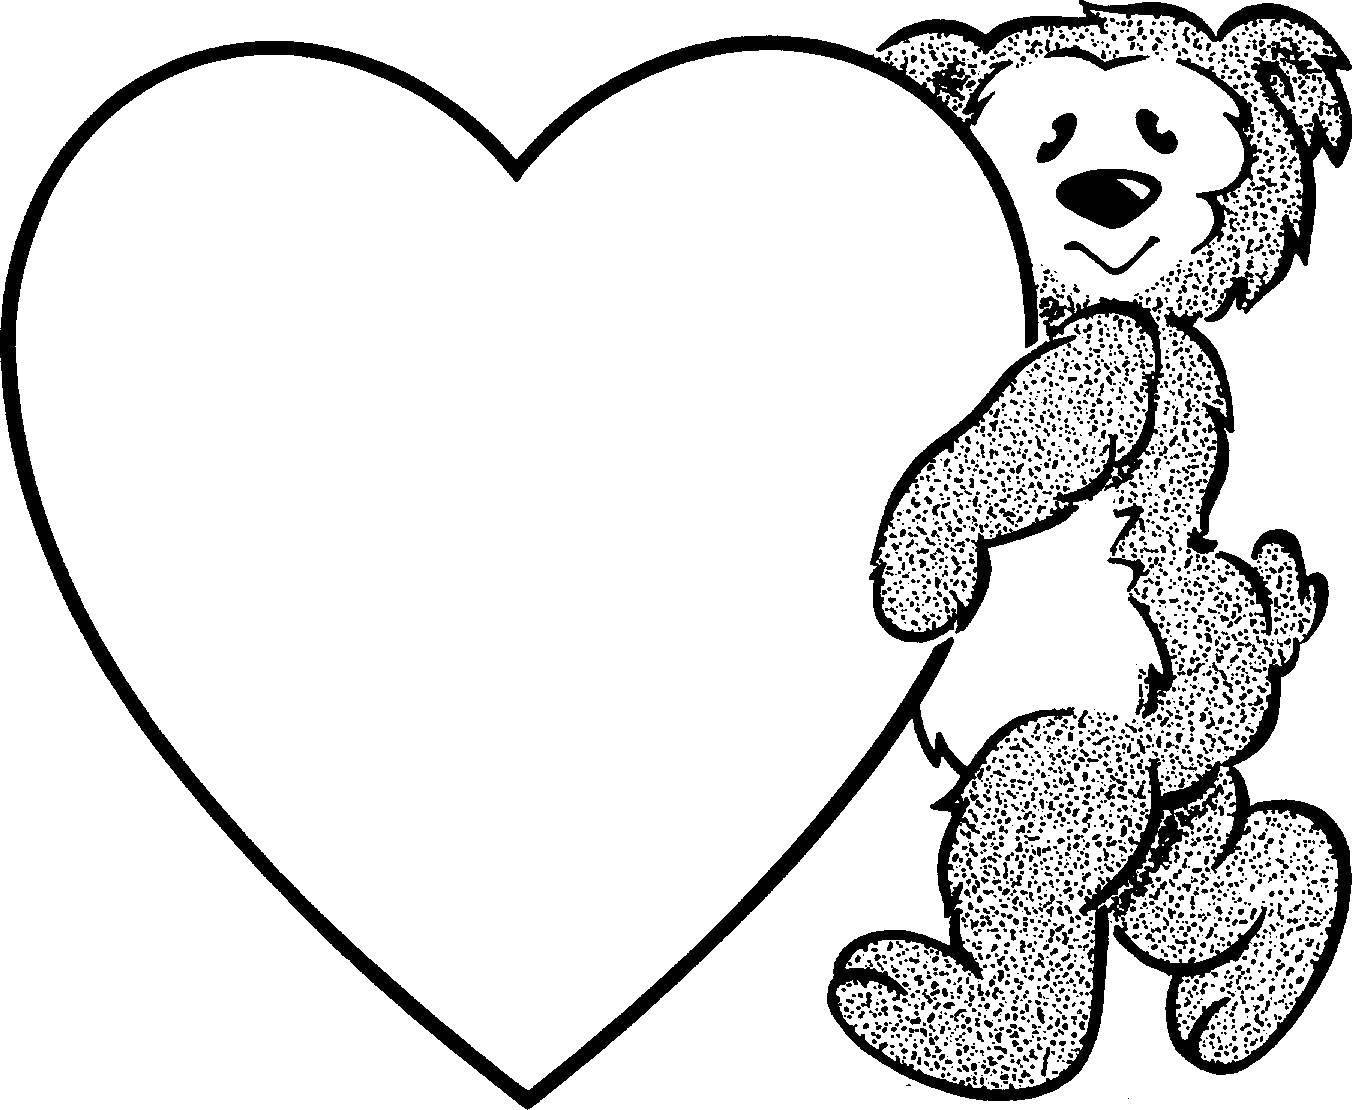 раскраски сердечки раскраска мишка и сердечко сердечки